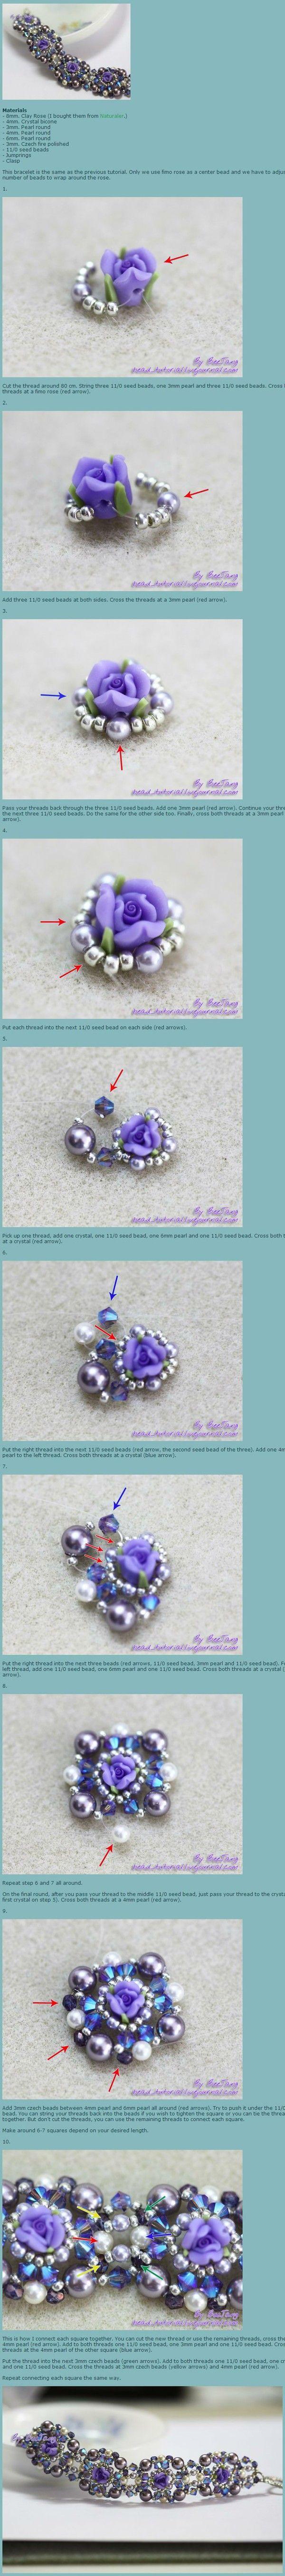 串珠手链。原创地址:http://beejang.livejournal.com/225758.html#cutid1 - halskæde med roser - smukt - skal laves